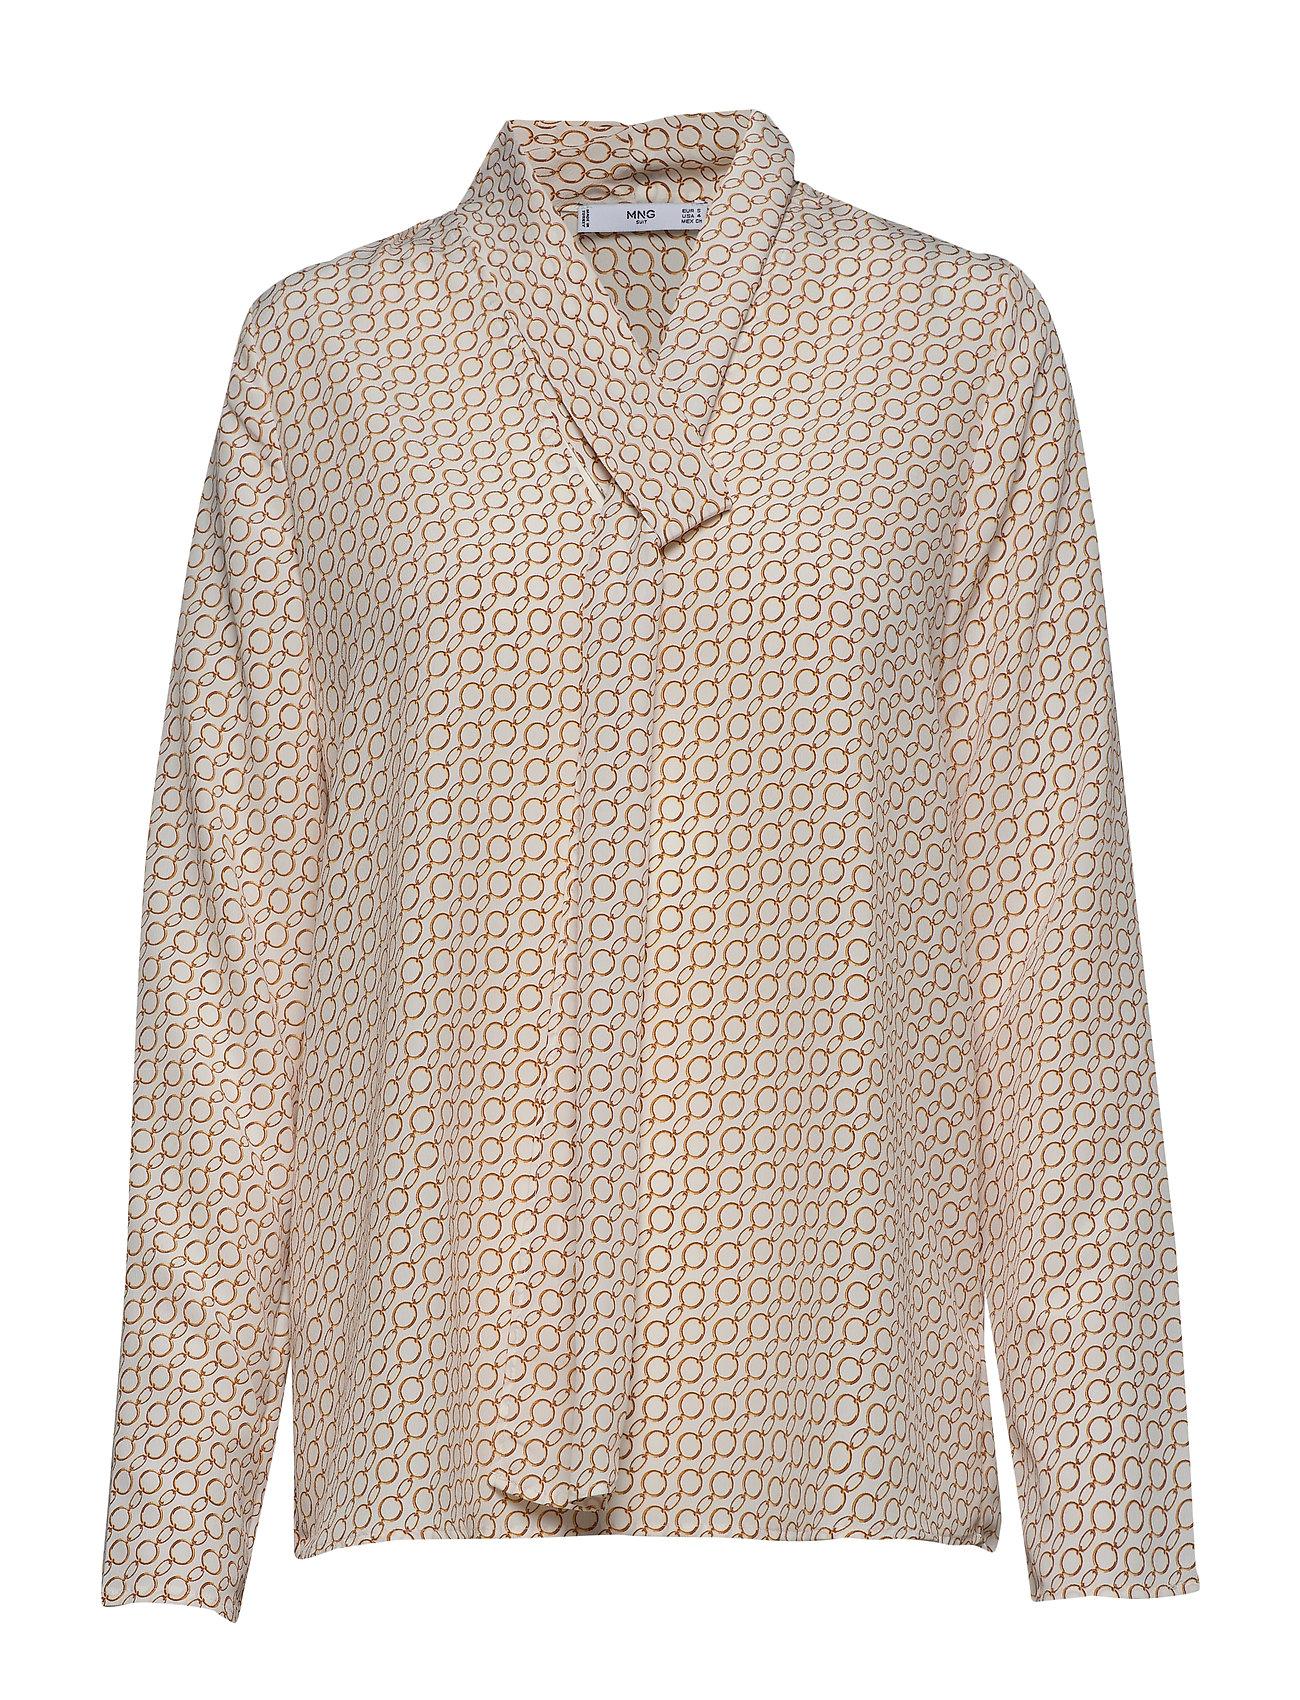 Mango Bow printed blouse - WHITE